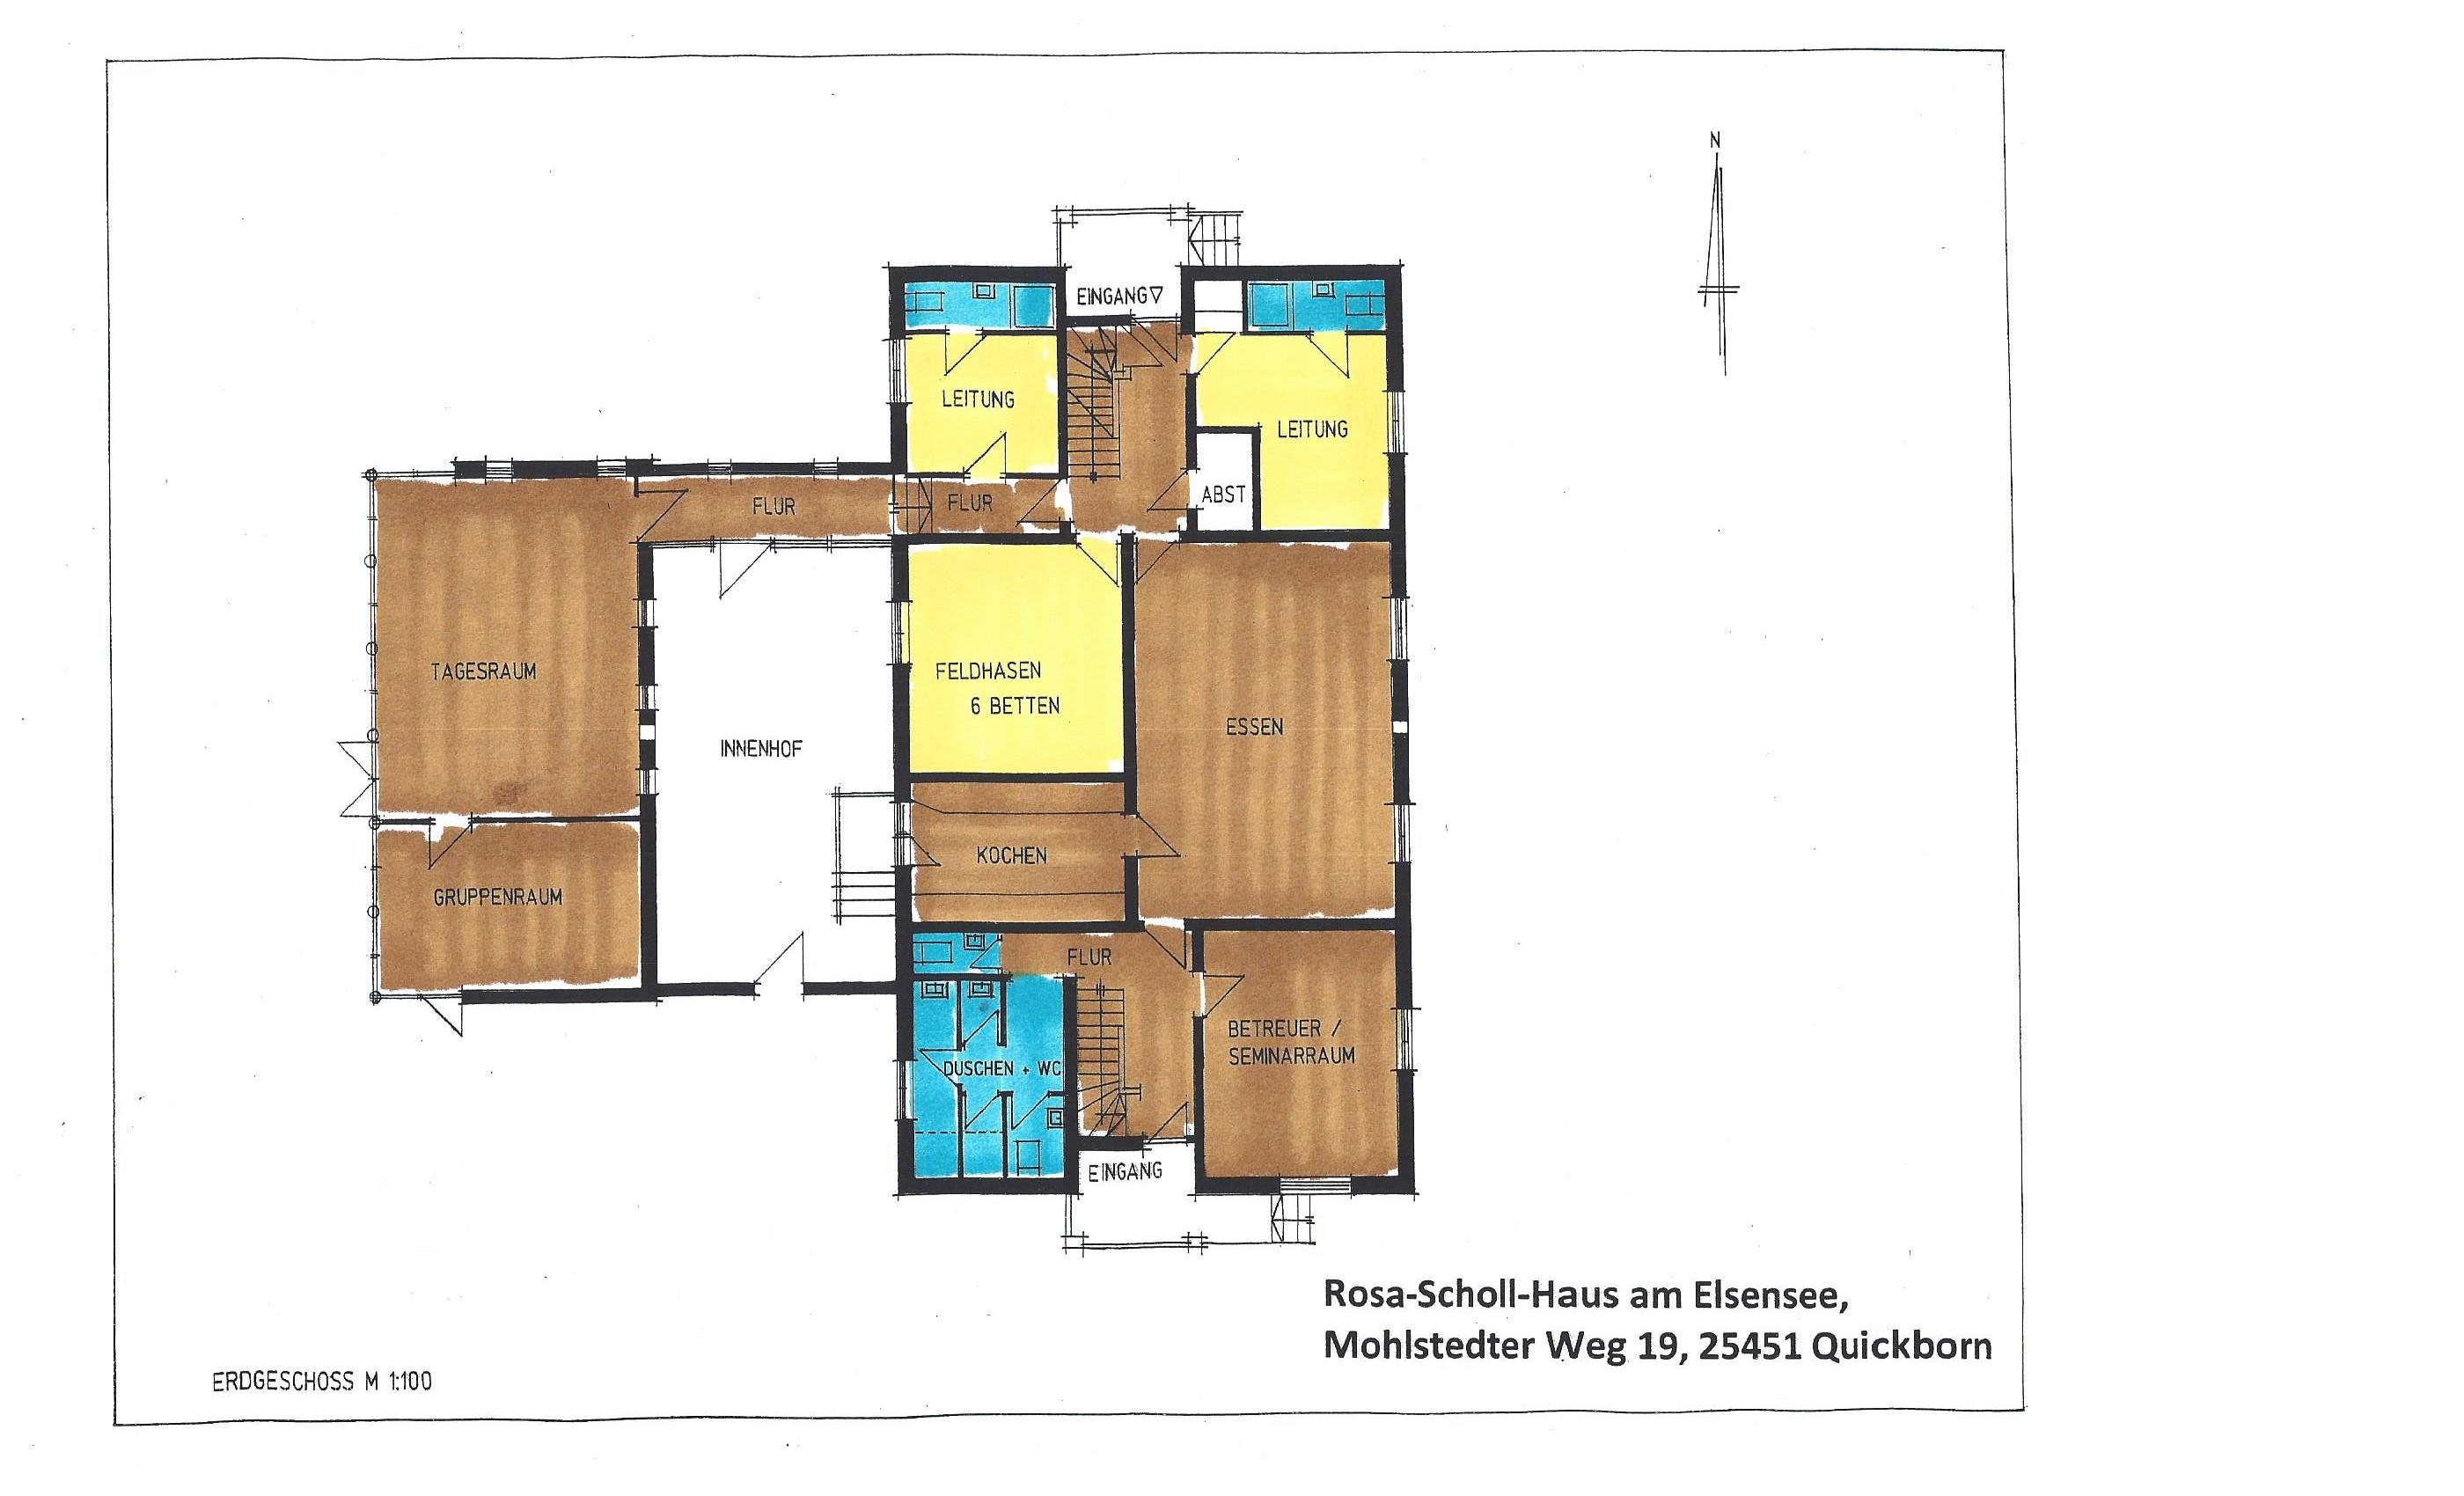 Haus zeichnung  Rosa-Scholl-Haus | Sophie-Barat-Schule